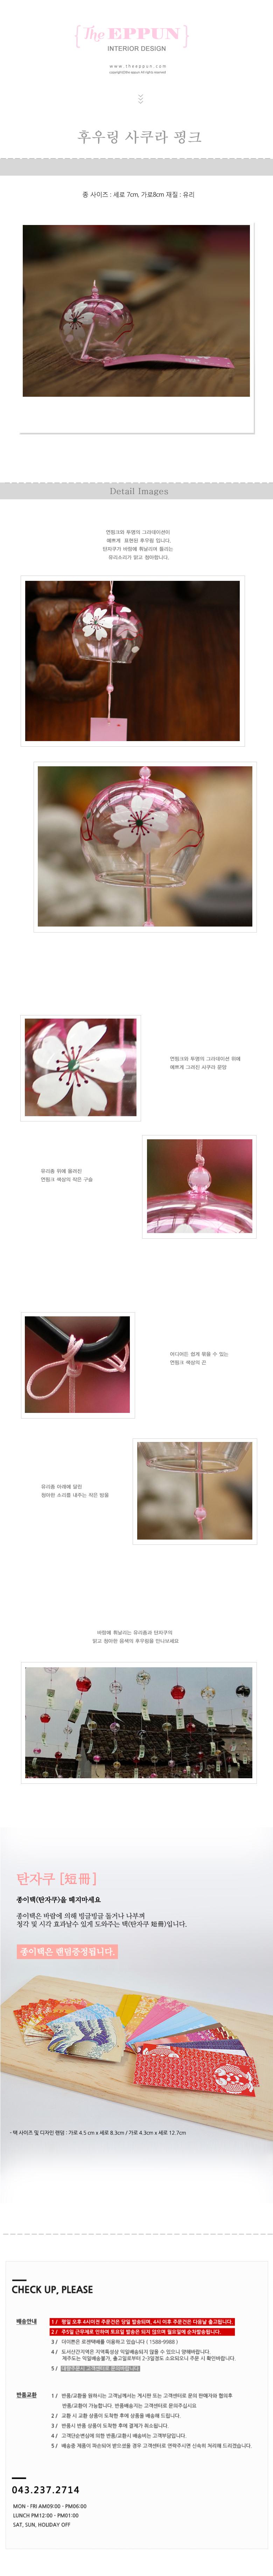 일본풍경 후우링 사쿠라 핑크7,500원-더이쁜인테리어, 인테리어 소품, 장식소품, 모빌/천장데코바보사랑일본풍경 후우링 사쿠라 핑크7,500원-더이쁜인테리어, 인테리어 소품, 장식소품, 모빌/천장데코바보사랑